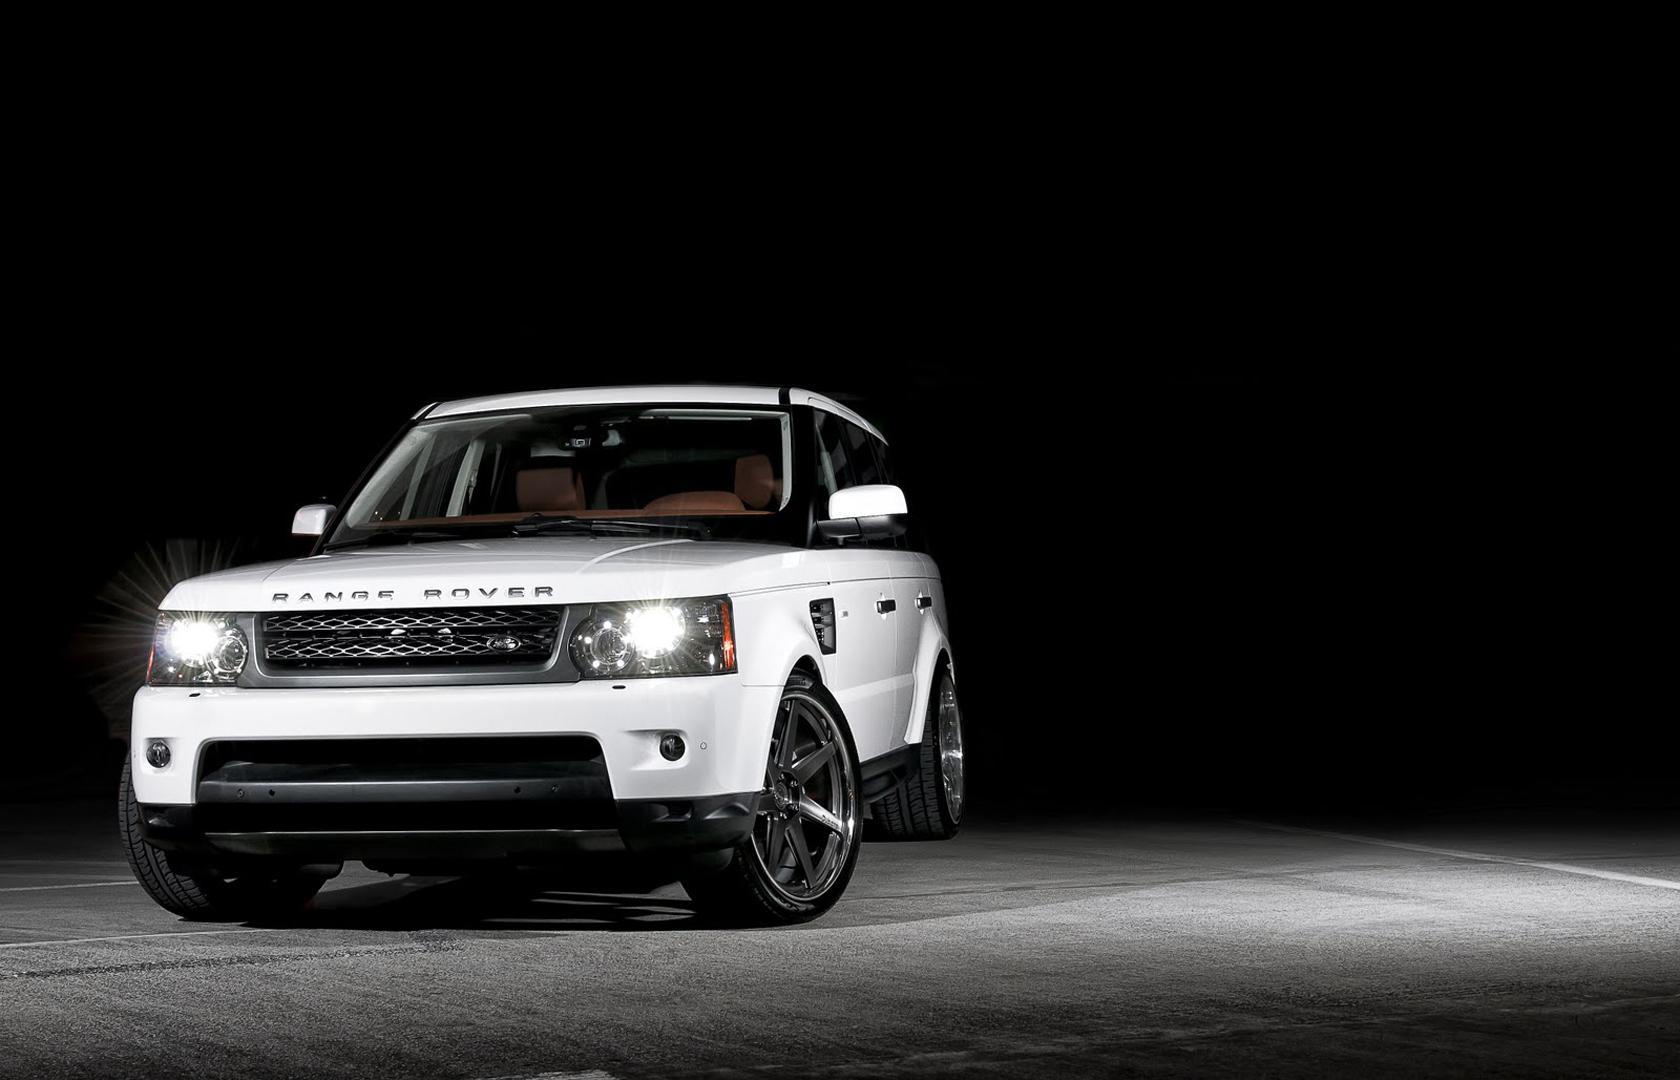 12025 скачать обои Транспорт, Машины, Рендж Ровер (Range Rover) - заставки и картинки бесплатно